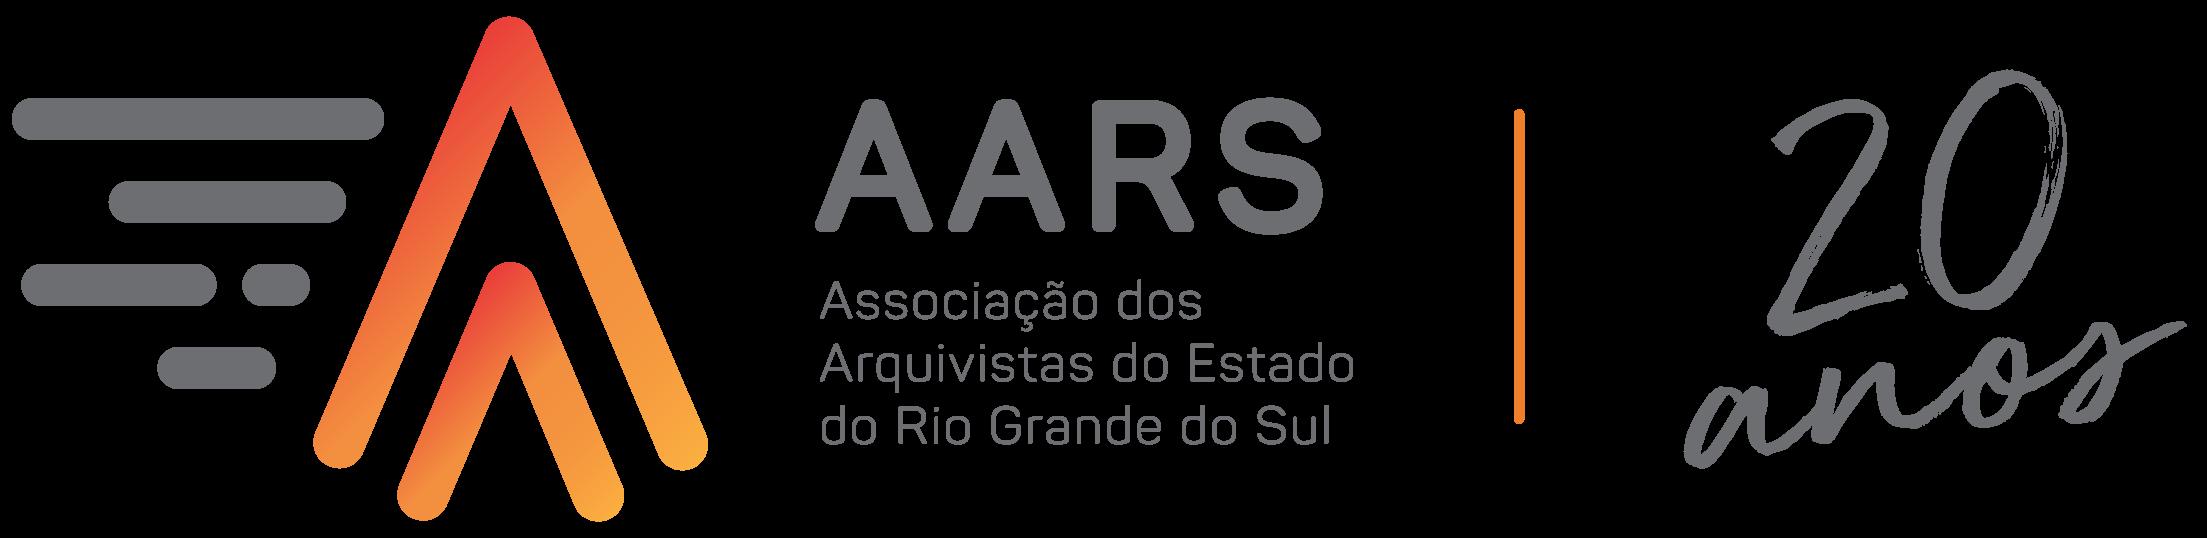 Associação dos Arquivistas do Estado do Rio Grande do Sul